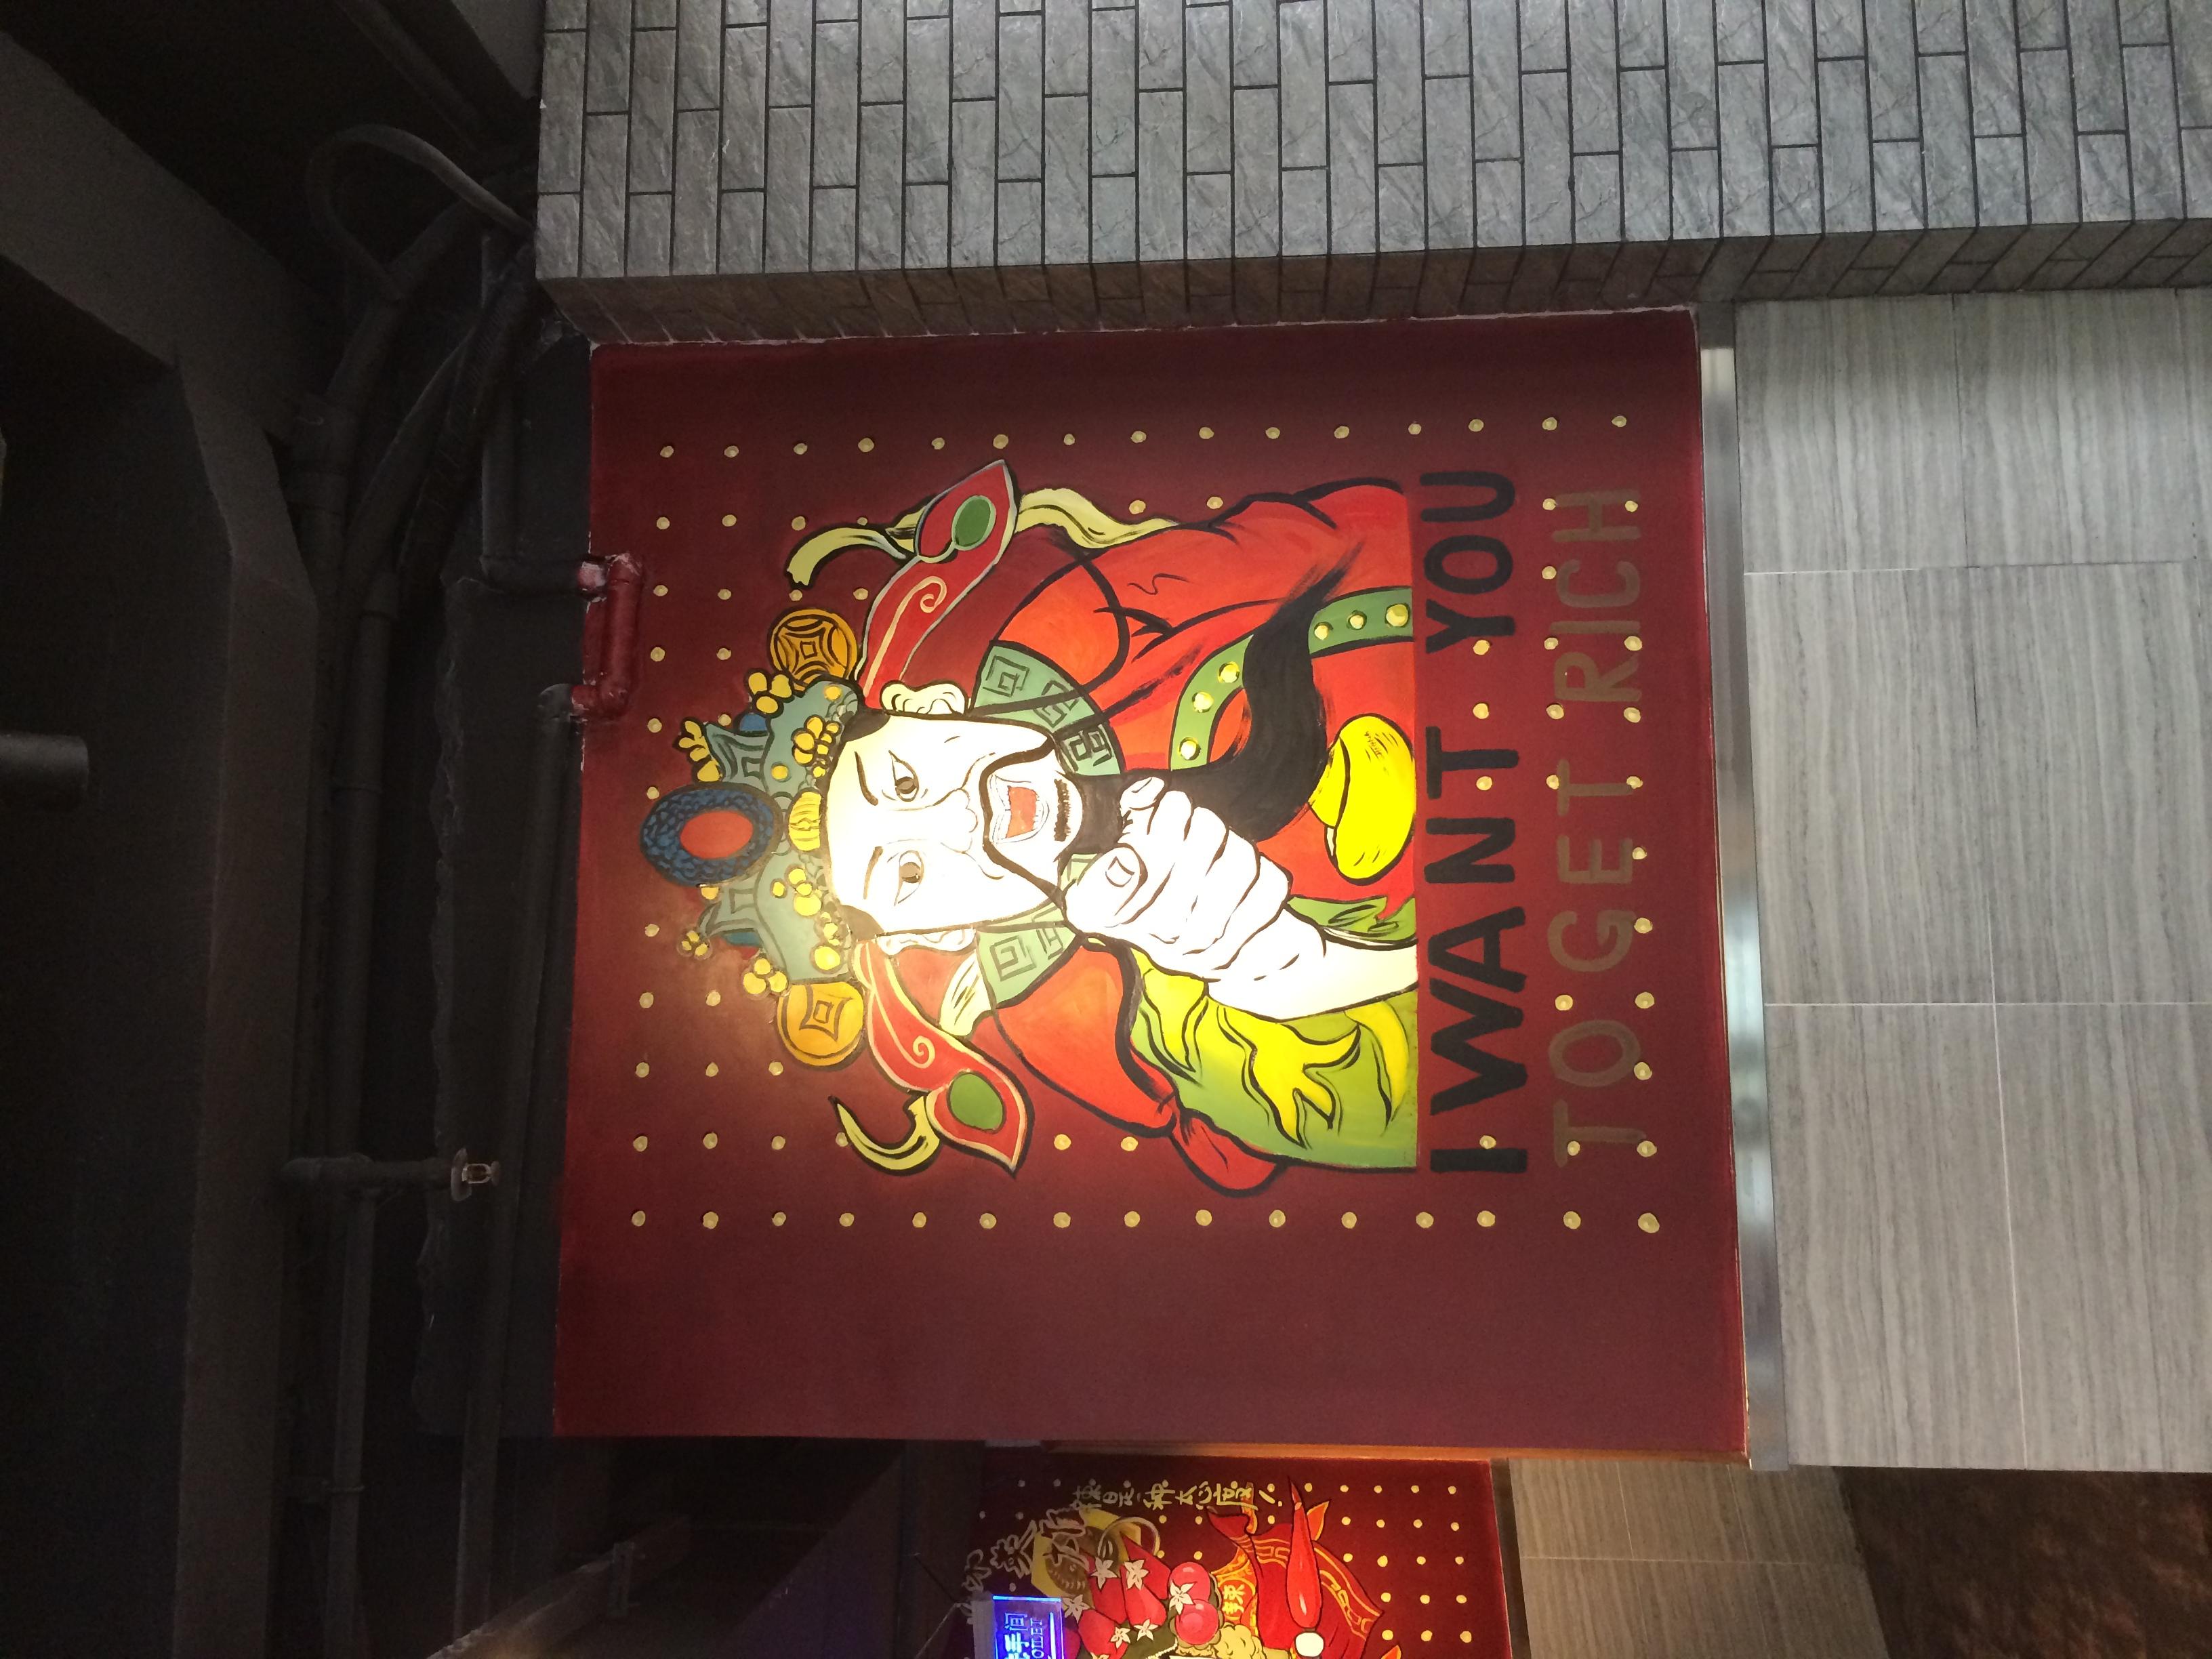 珠海兰埔手绘墙 麻辣英雄火锅店墙绘.